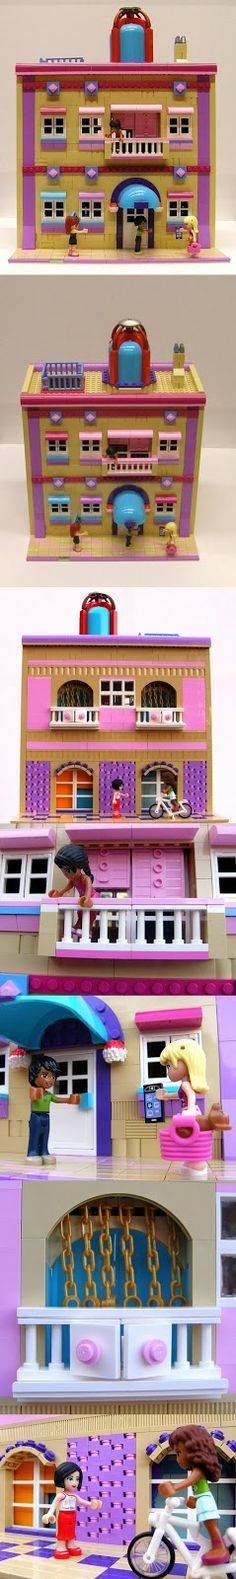 Cute Dollhouse!